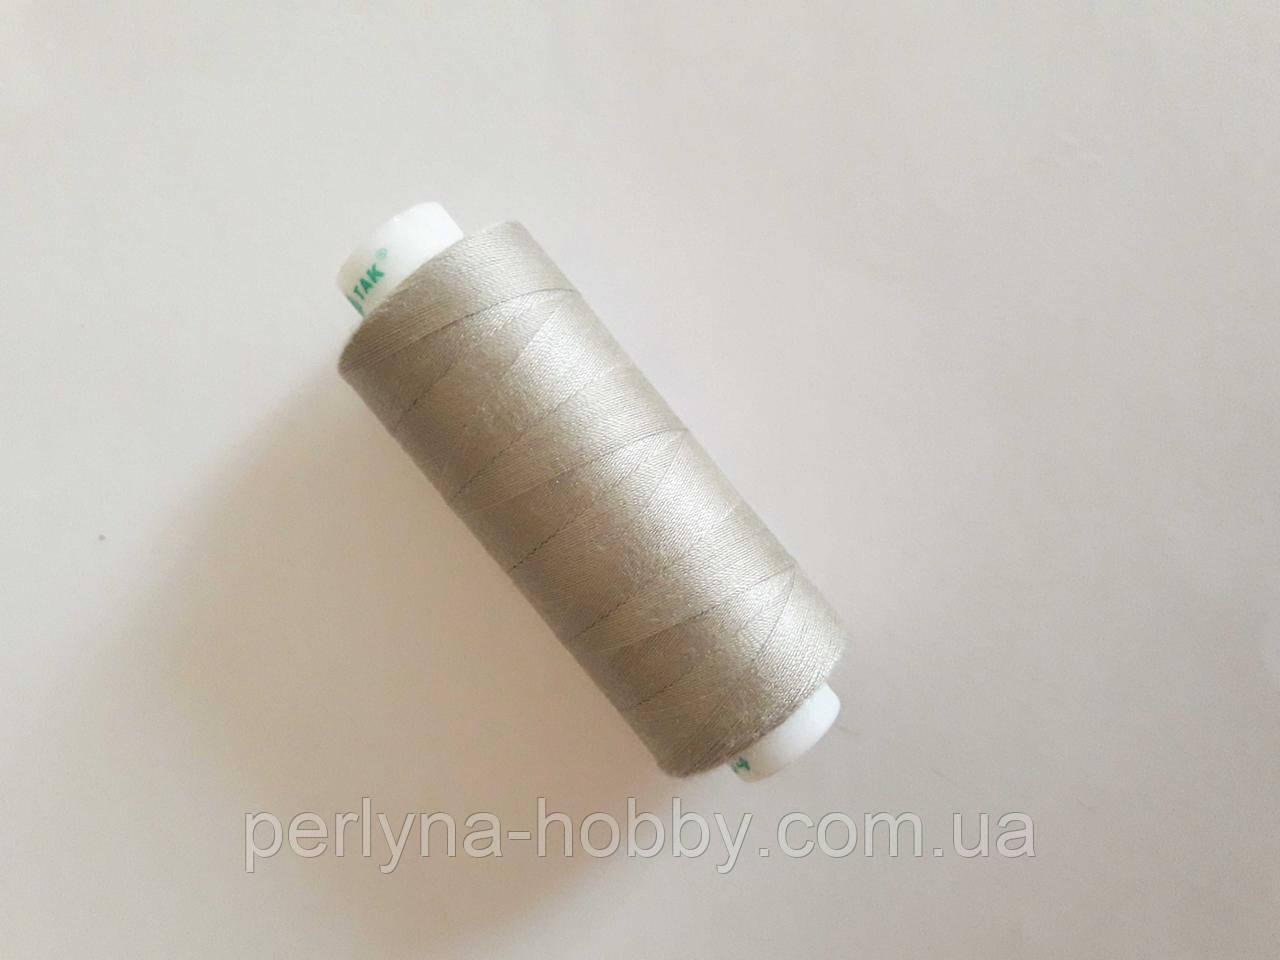 Нитки  для шиття, 400 ярдів (360 м)  поліестер 100%  Бежево-сіра  № 304